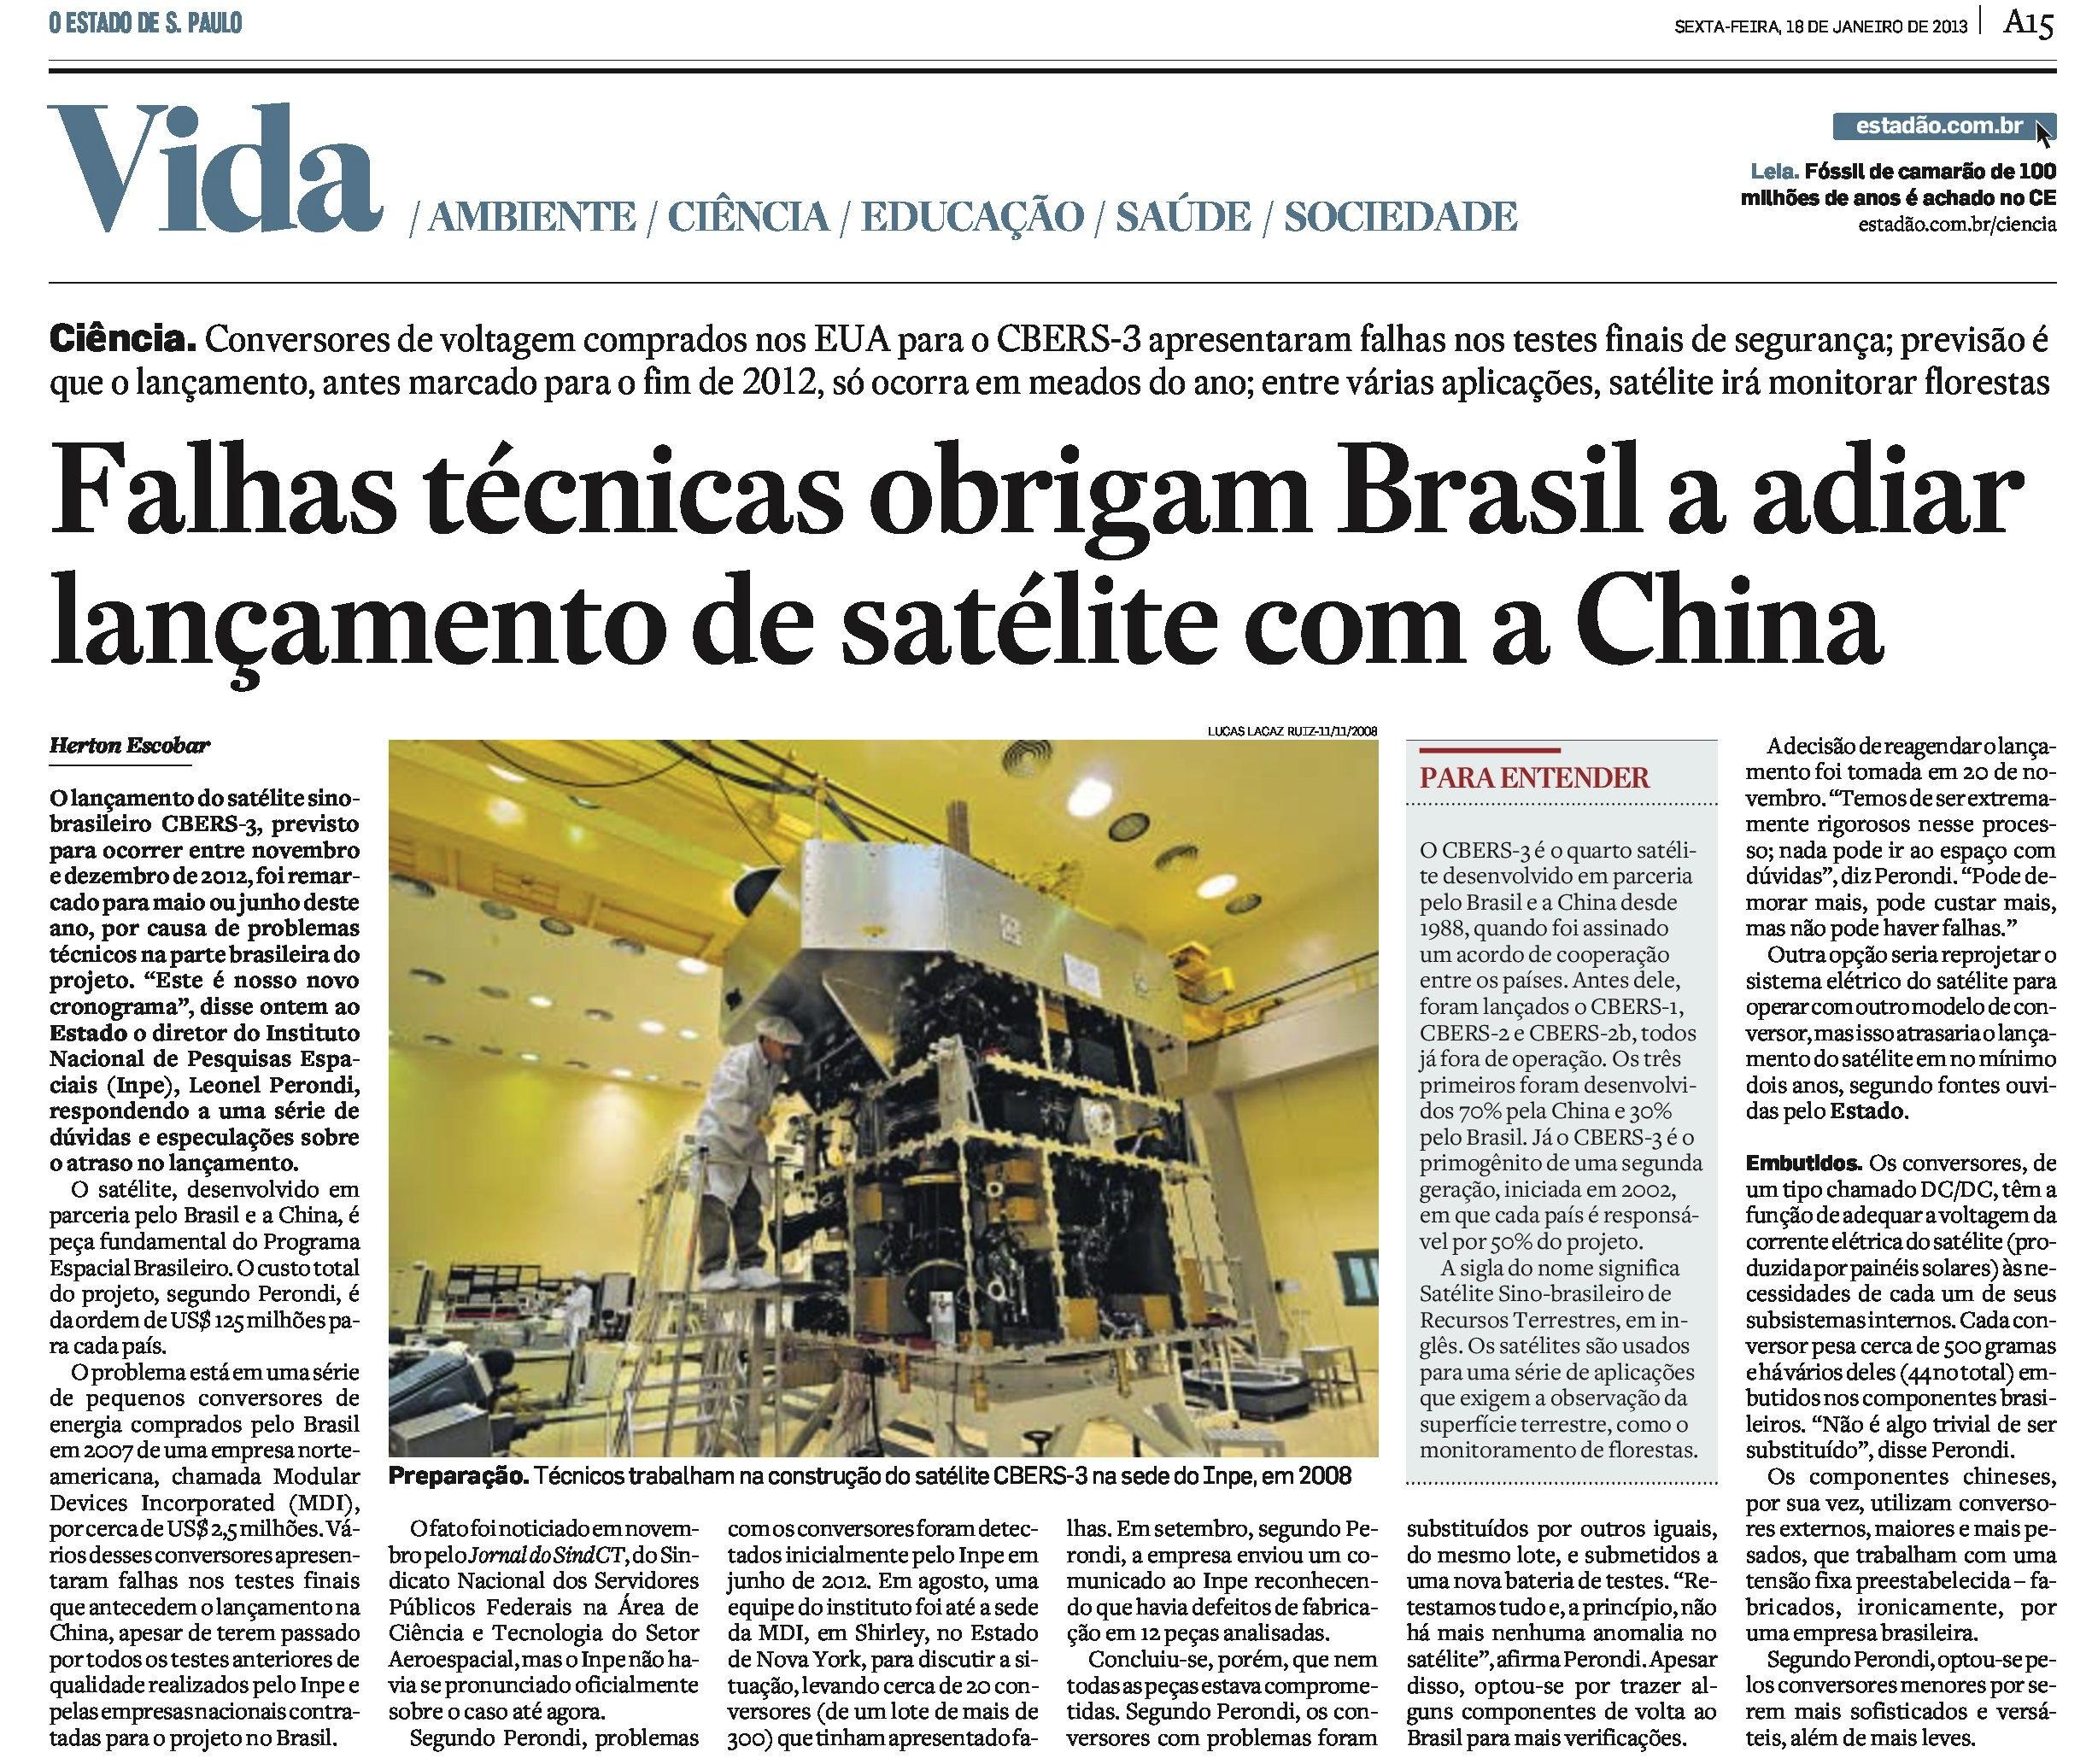 Falhas técnicas obrigam Brasil a adiar lançamento do satélite CBERS-3